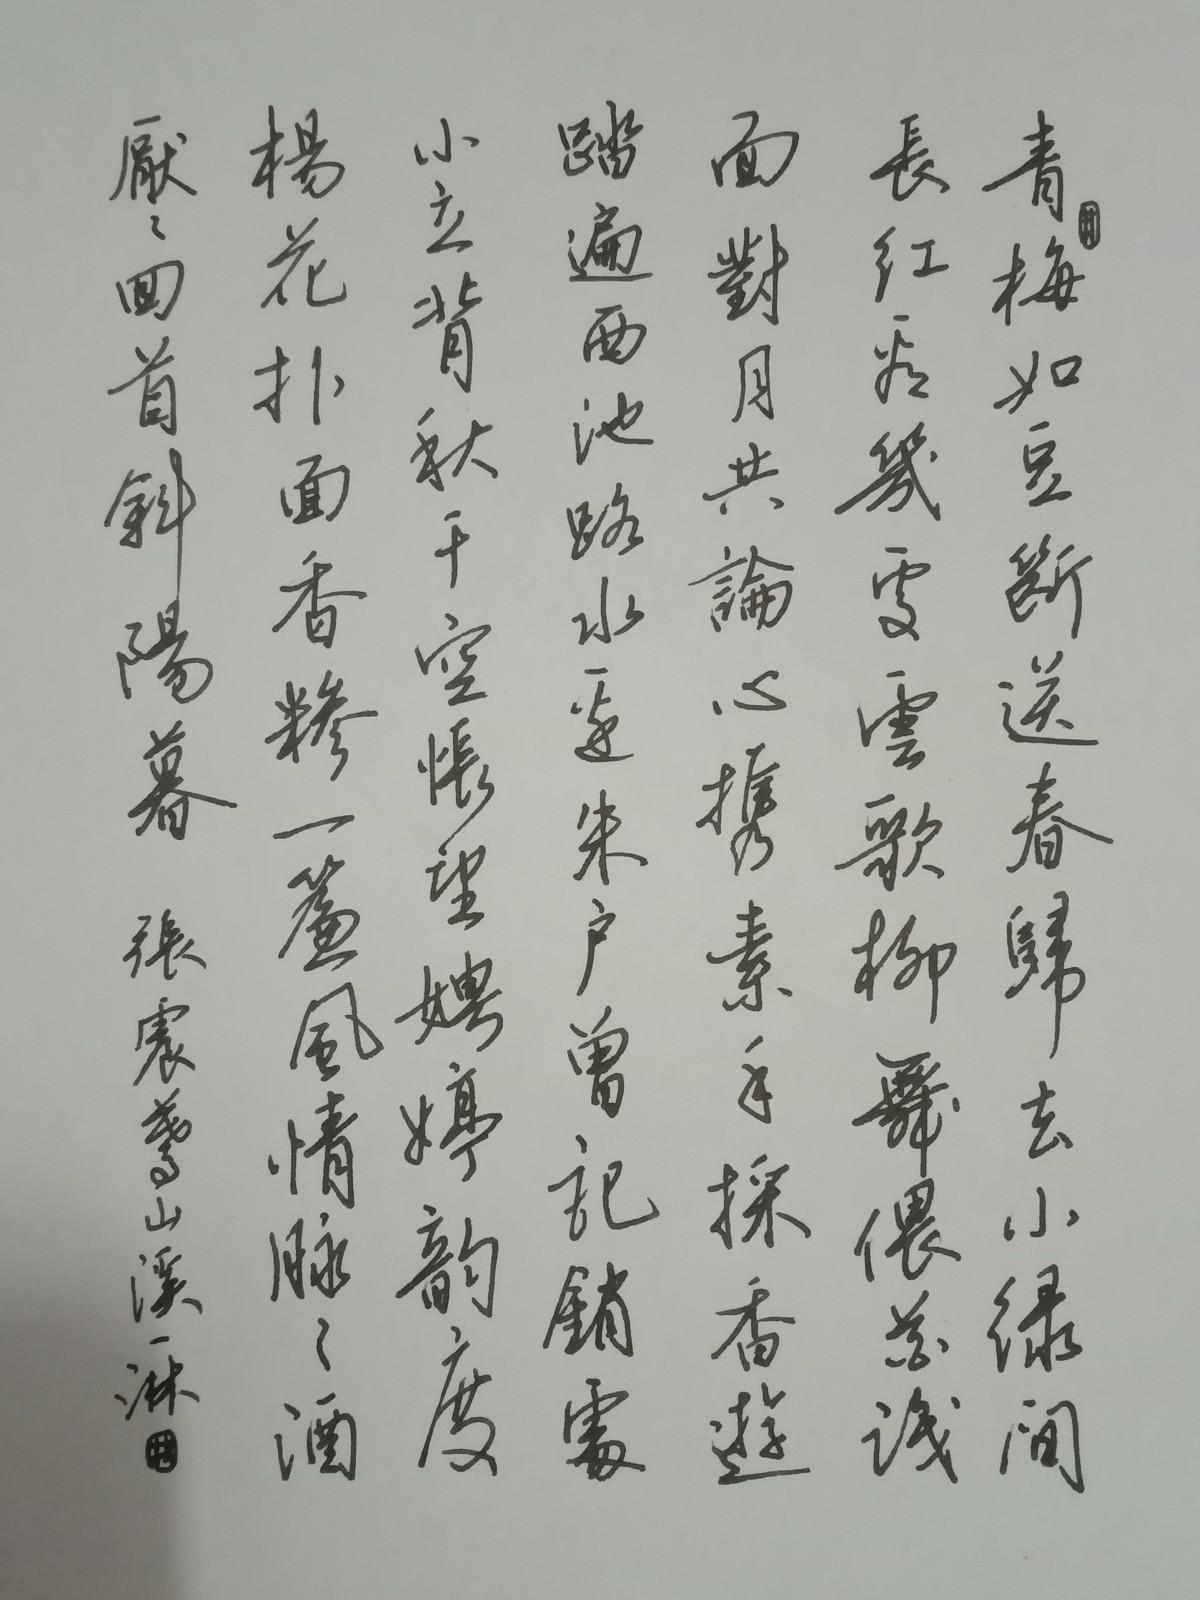 钢笔字练字打卡20201027-10